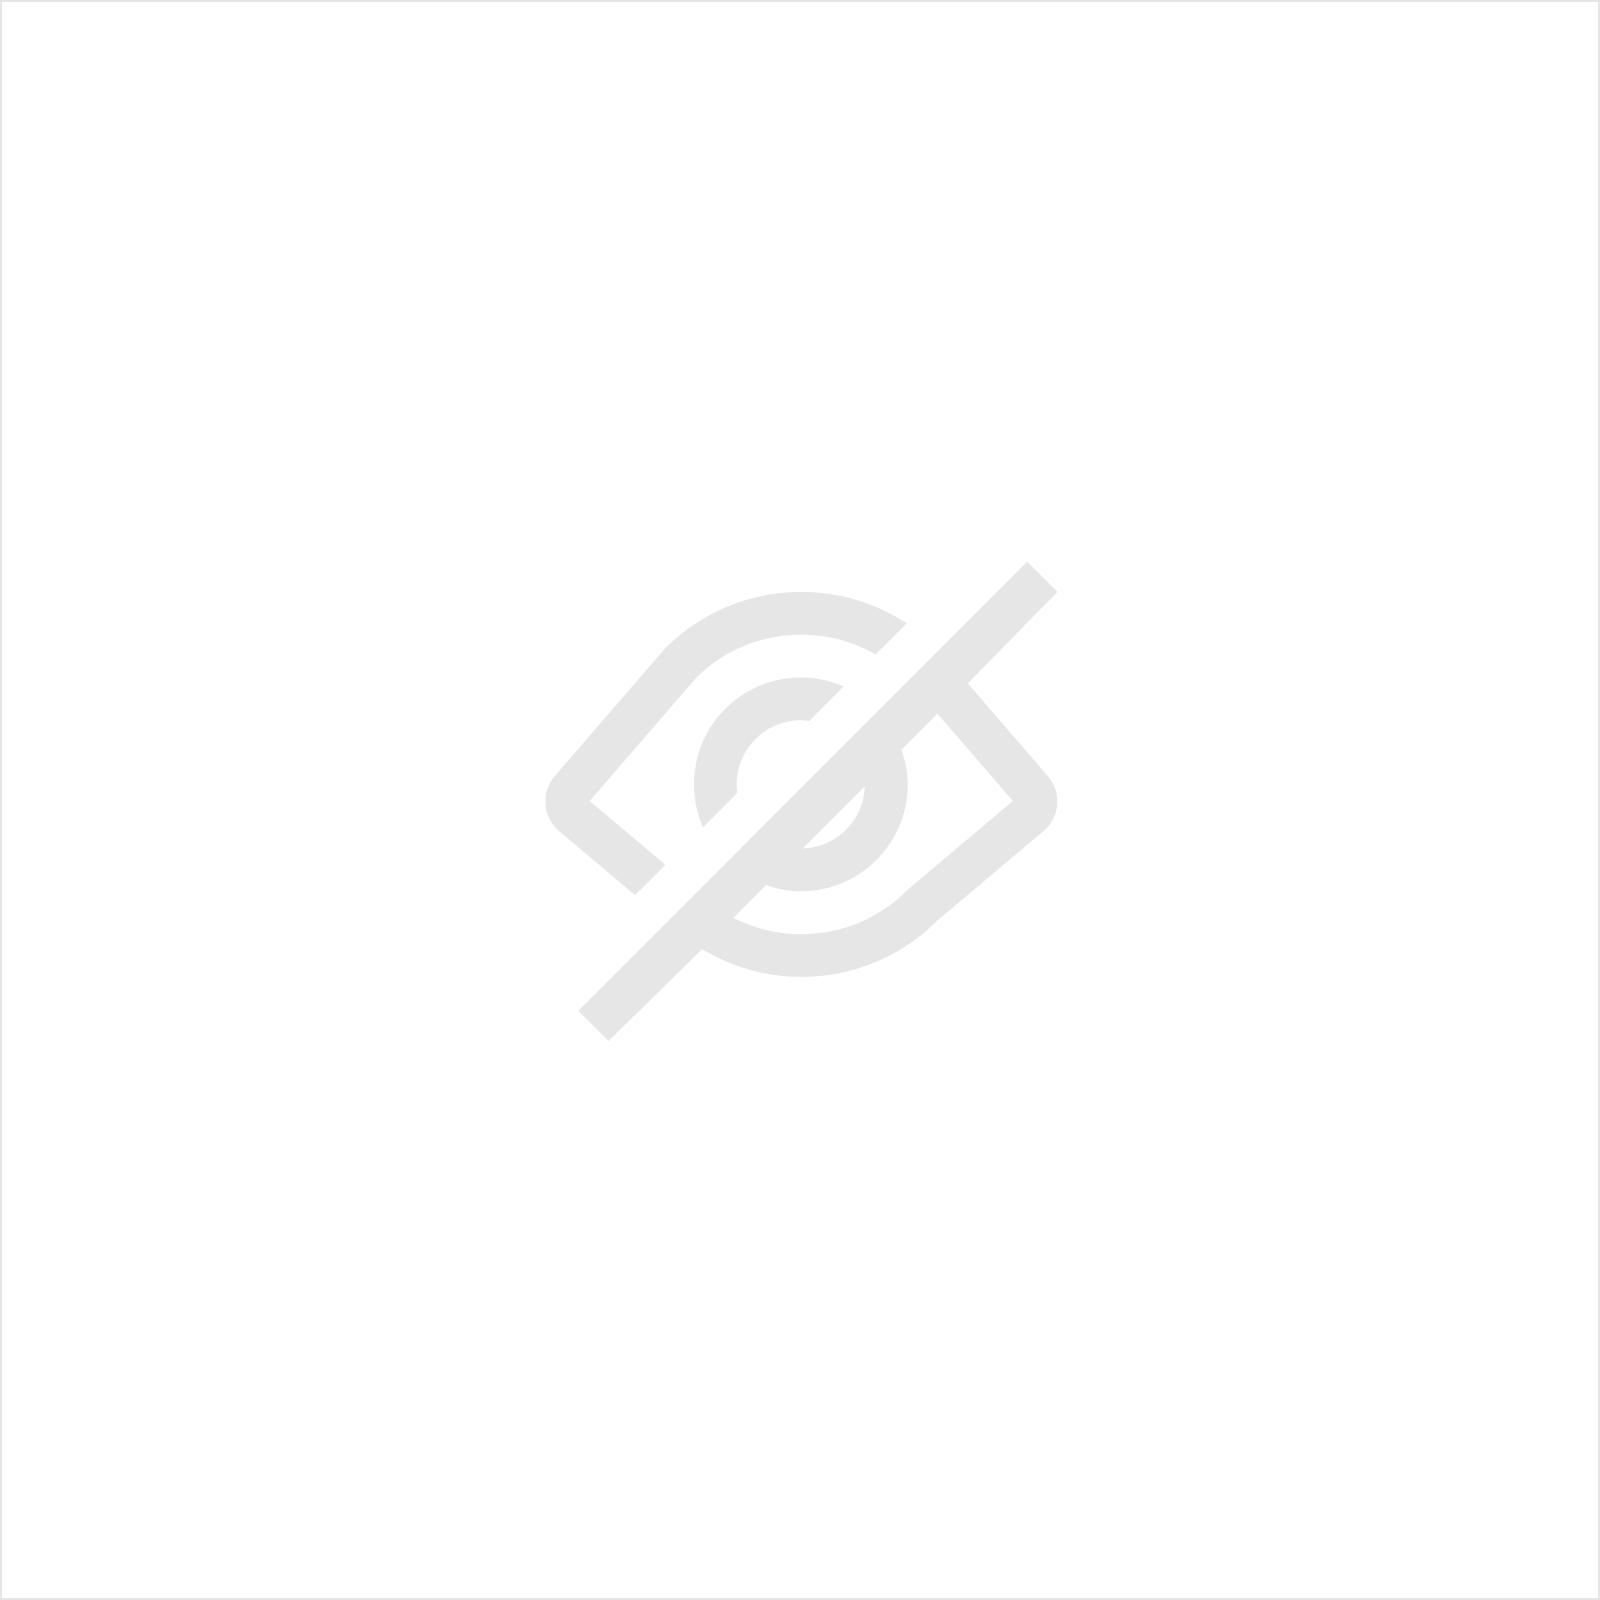 MEGUIAR'S - SERVIETTE DE SÉCHAGE SUPREME 55 X 75 CM (X1802EU)